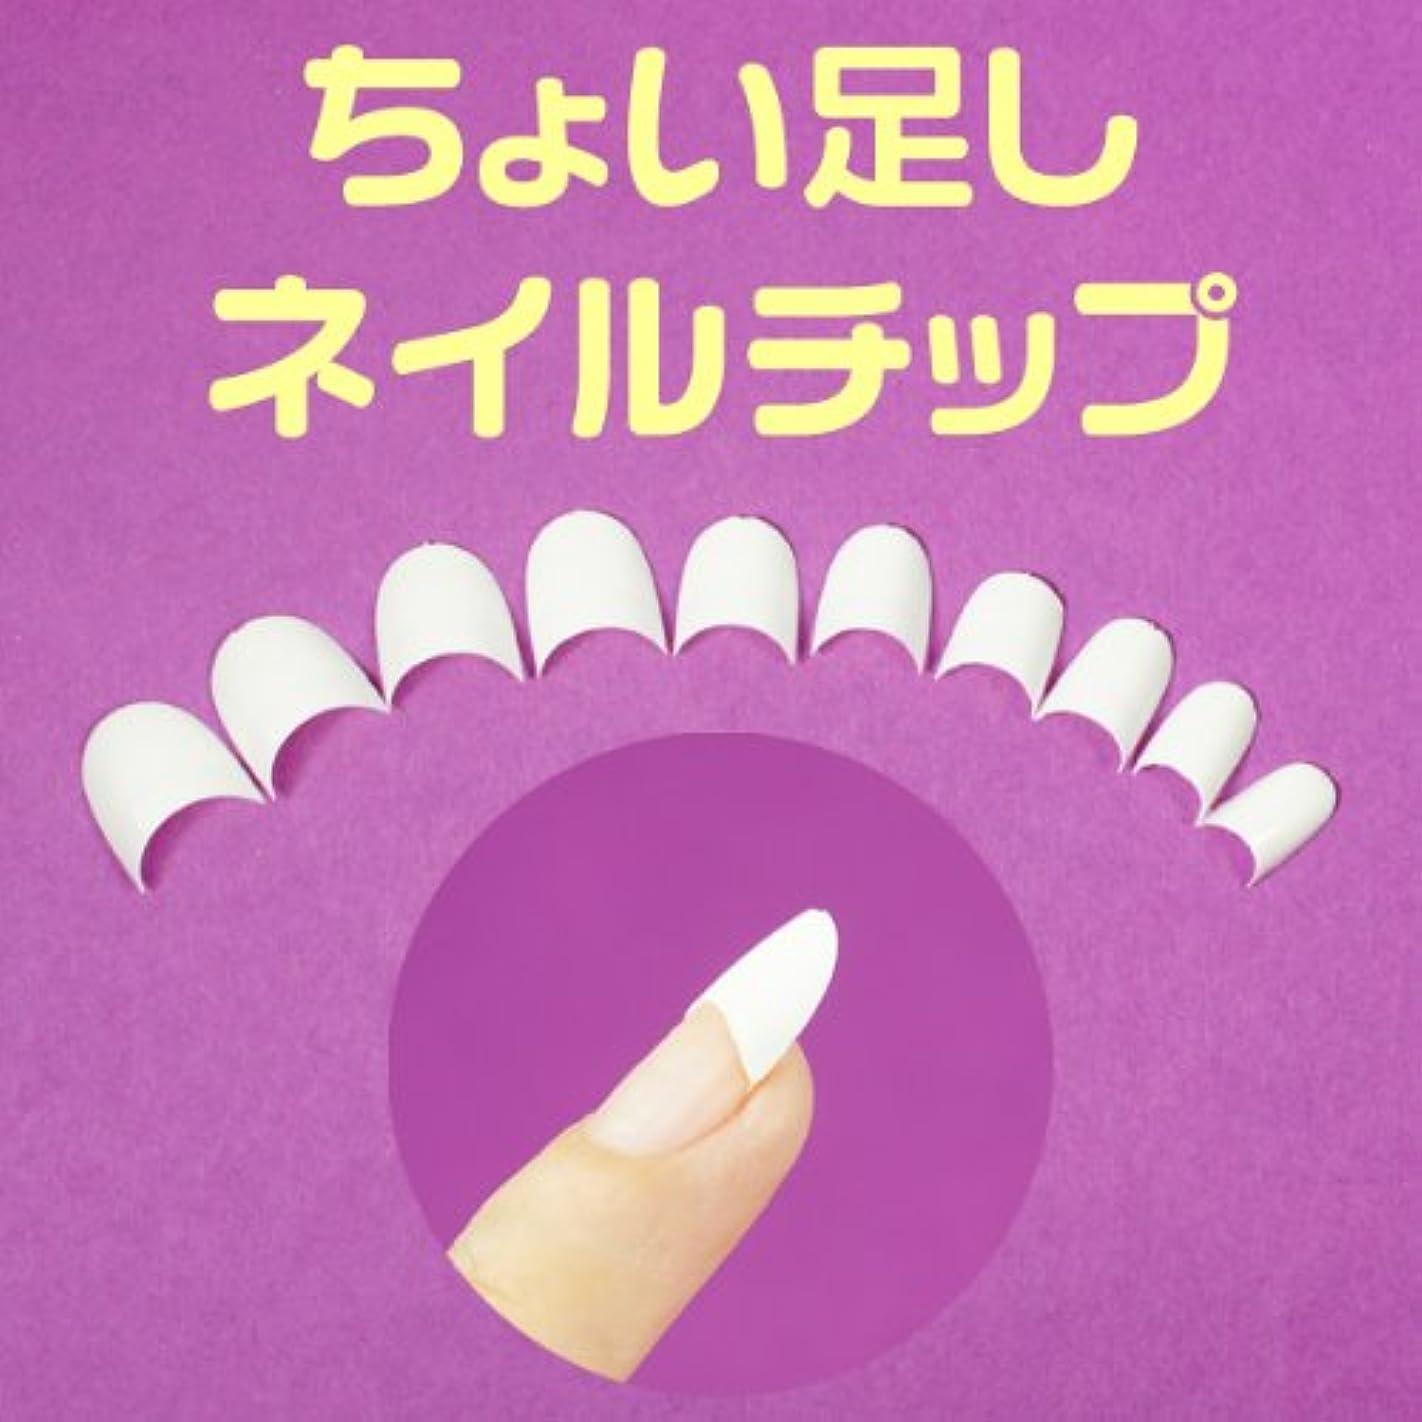 リースマインド預言者白いちょい足しネイルチップ 超短いハーフチップ スカルプチャー ジェルネイル ラウンドショートクリアネイルチップ つけ爪付け爪